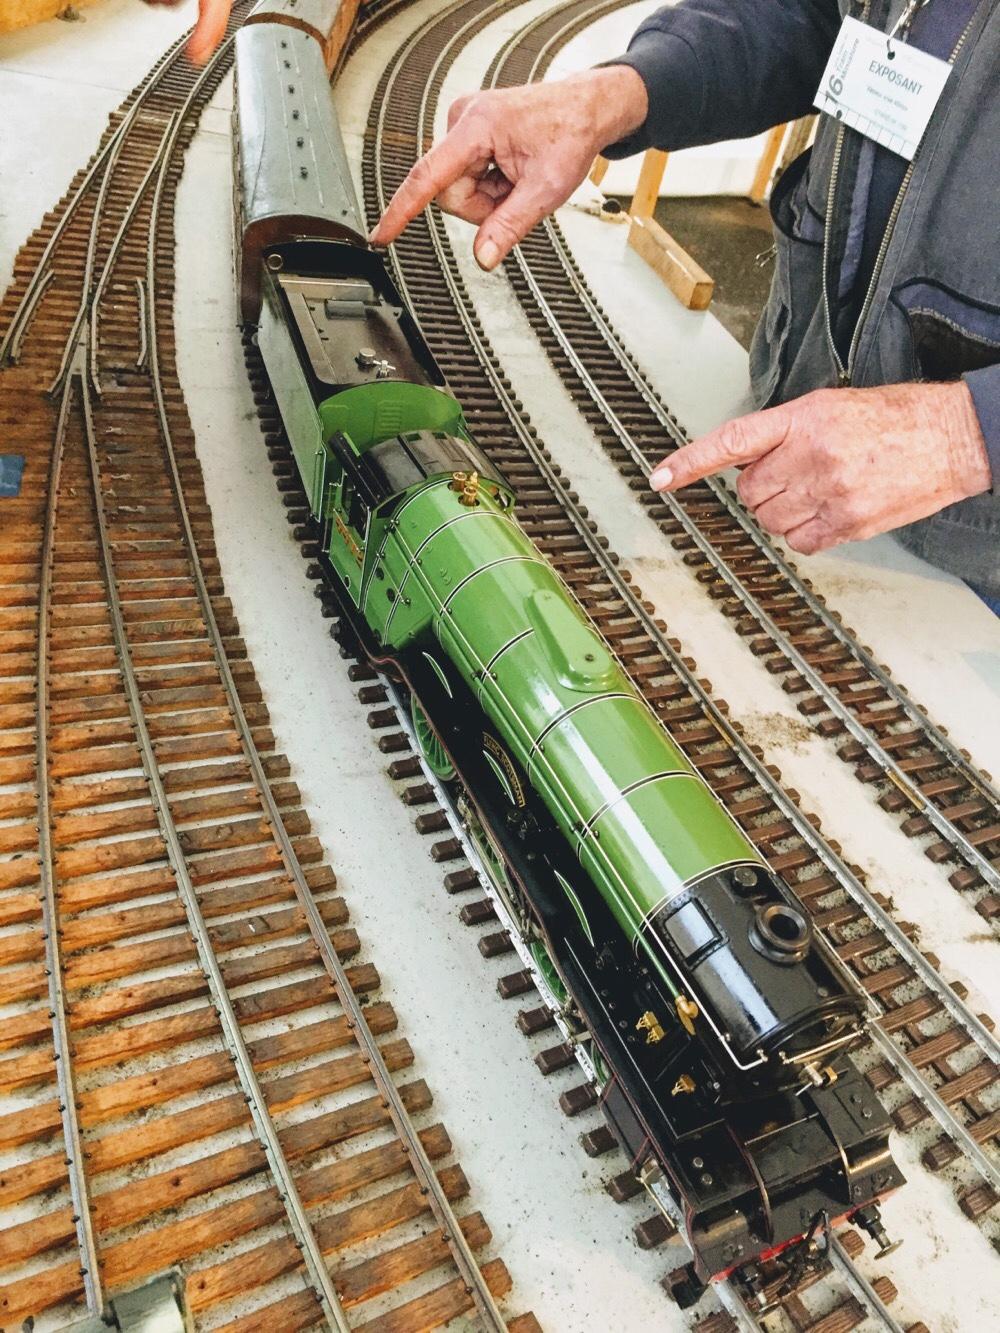 Démonstration d'une locomotive vapeur miniature